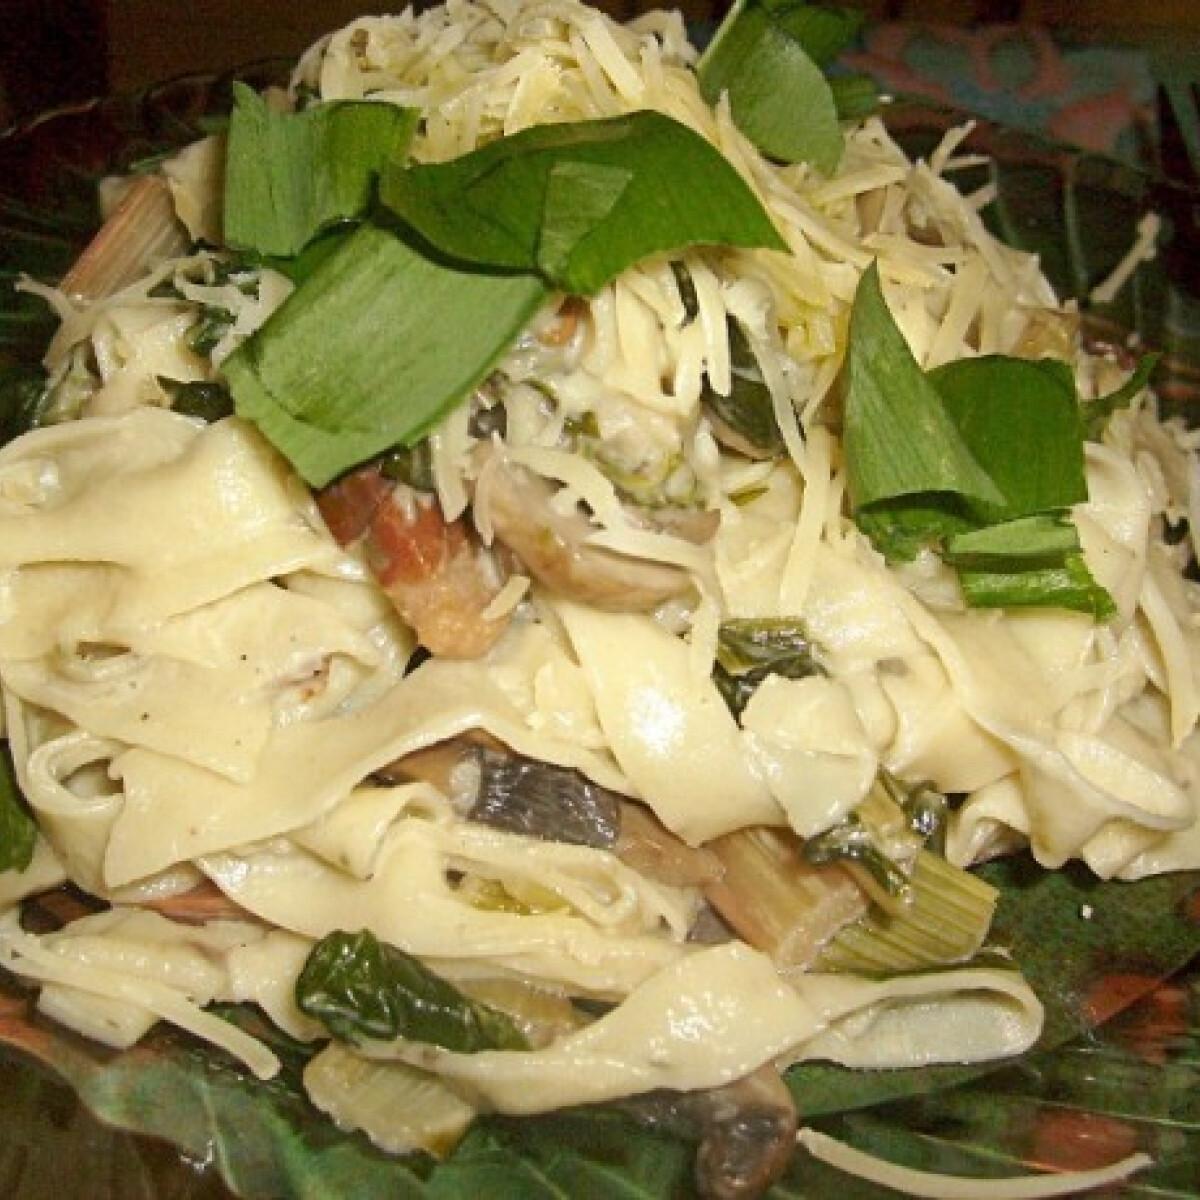 Tavaszi ragu házi gyúrt fűszeres tésztával